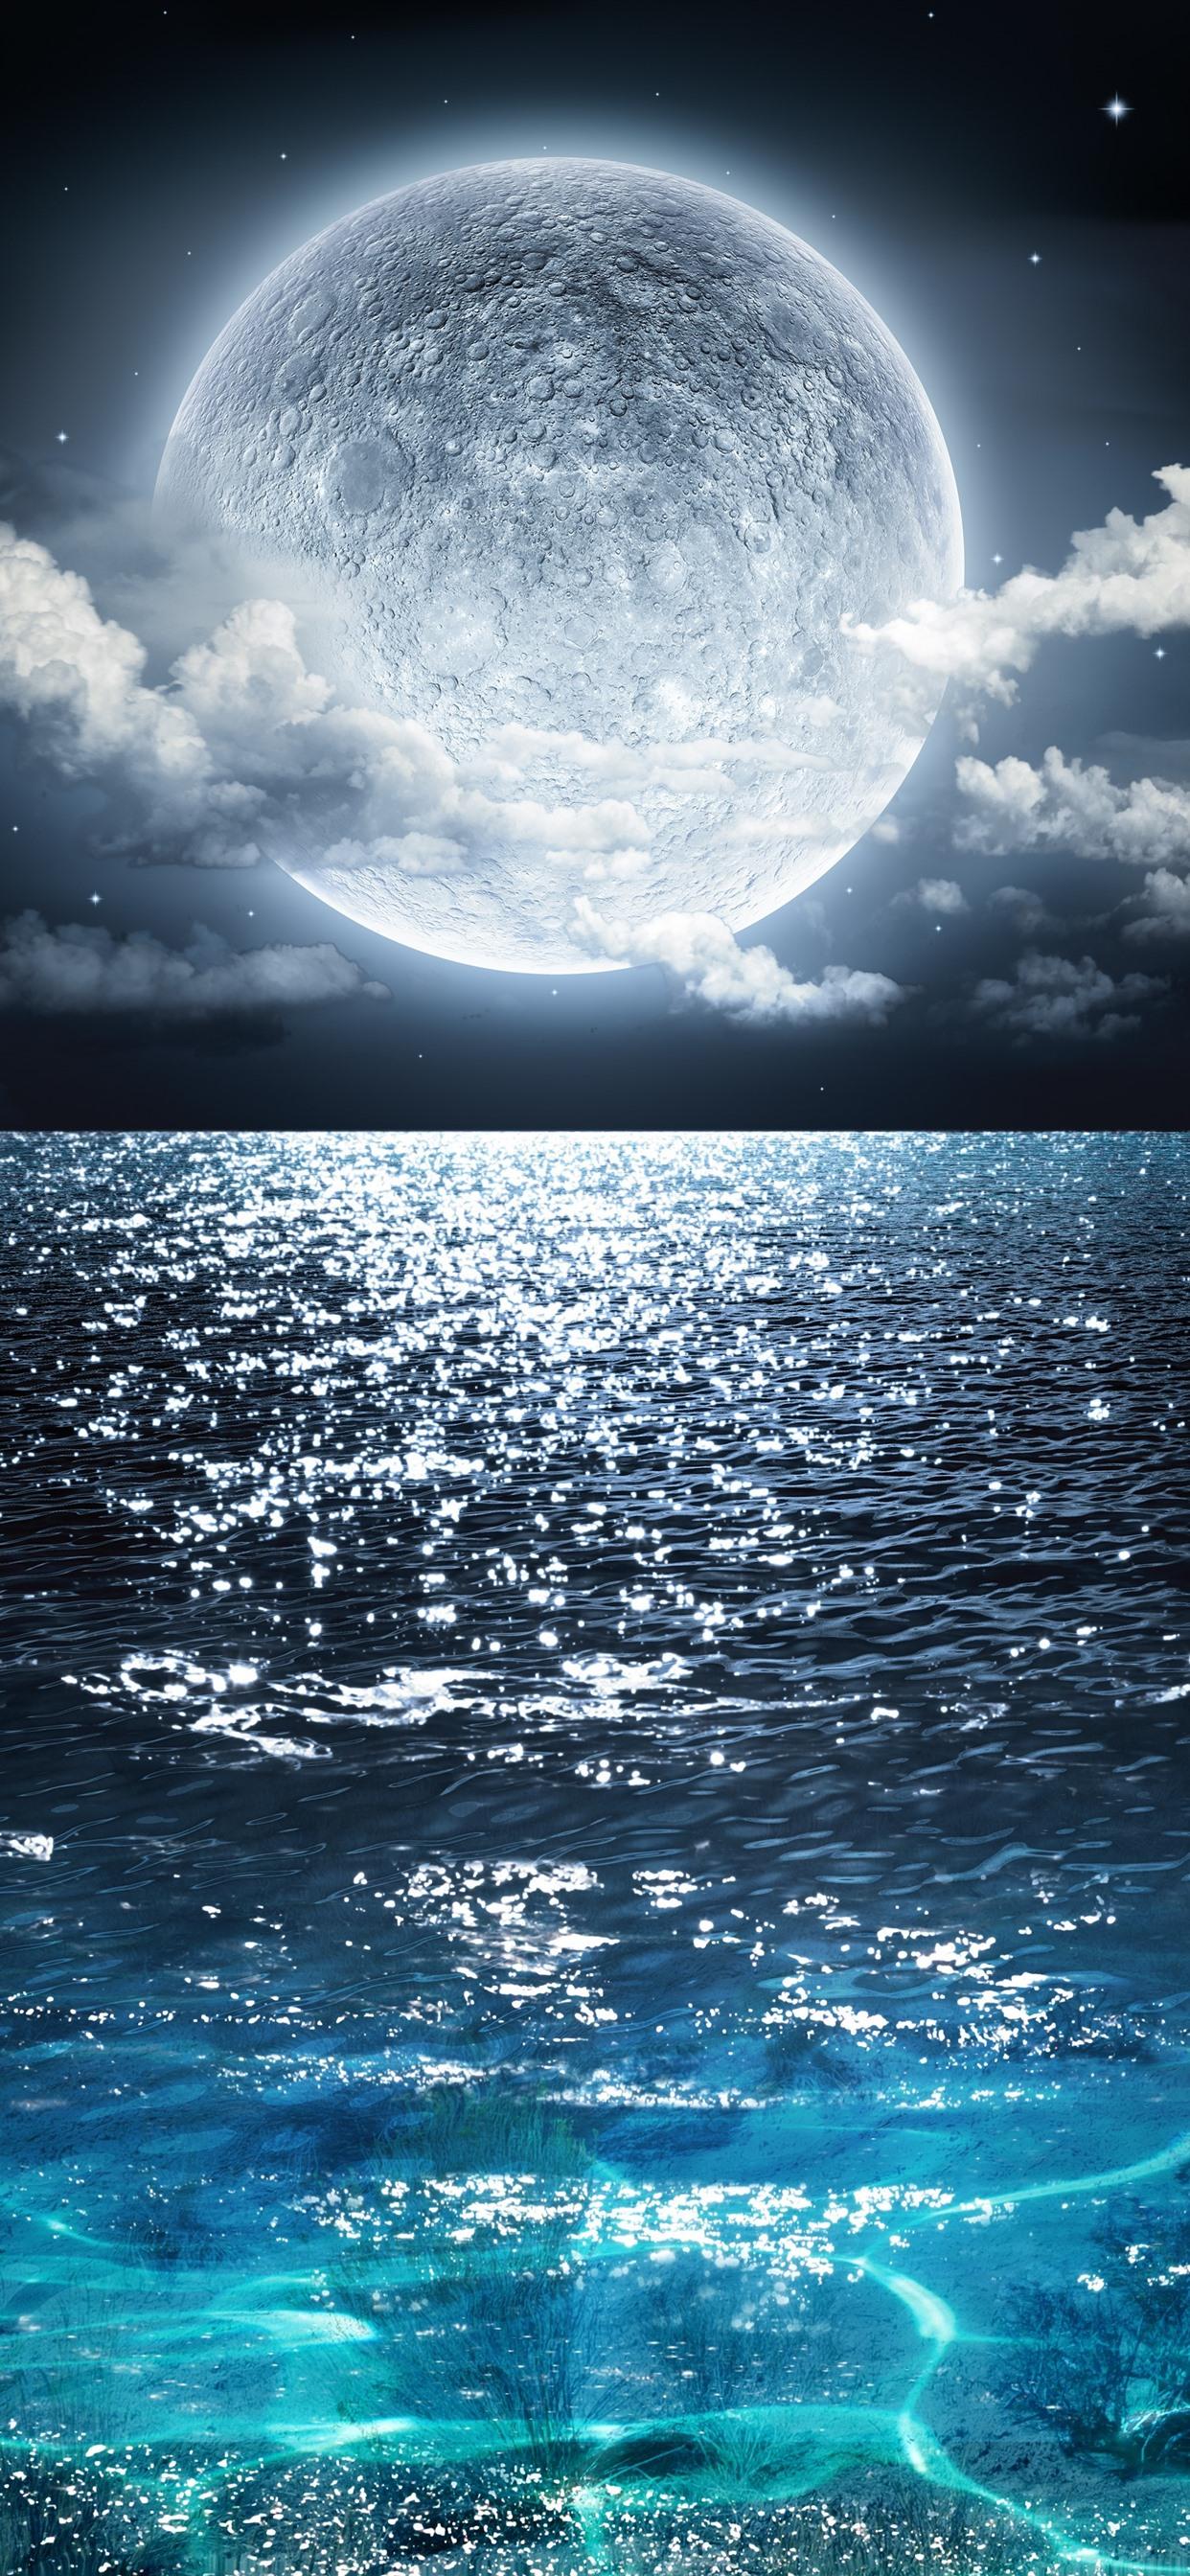 満月 青い海 雲 夜 美しい自然の風景 1242x2688 Iphone 11 Pro Xs